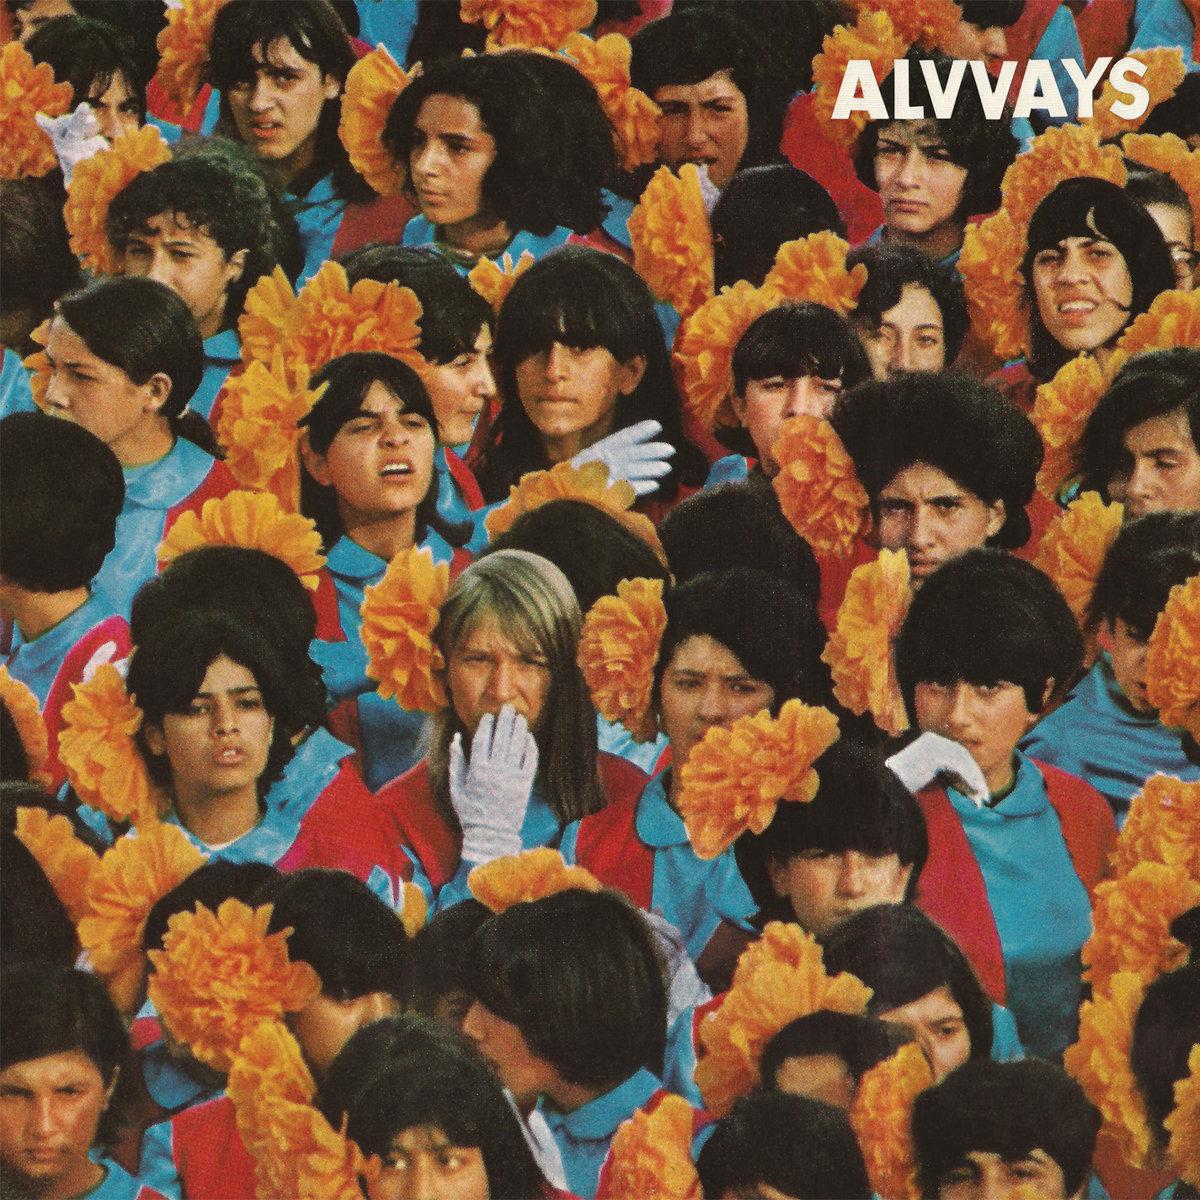 Alvvays / Alvvays(CD)